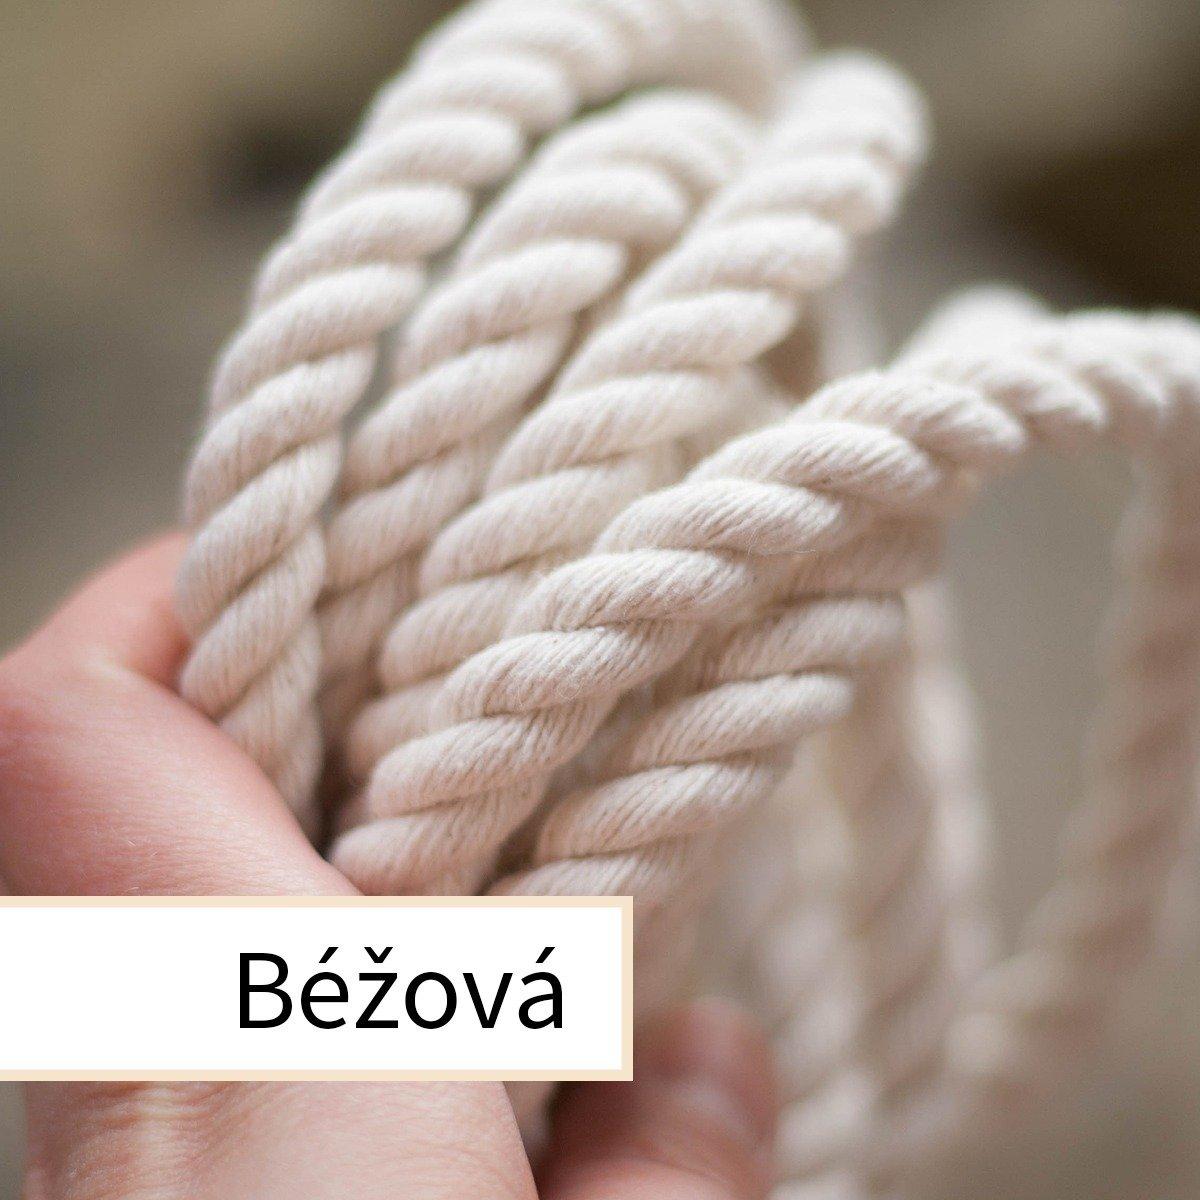 bezova